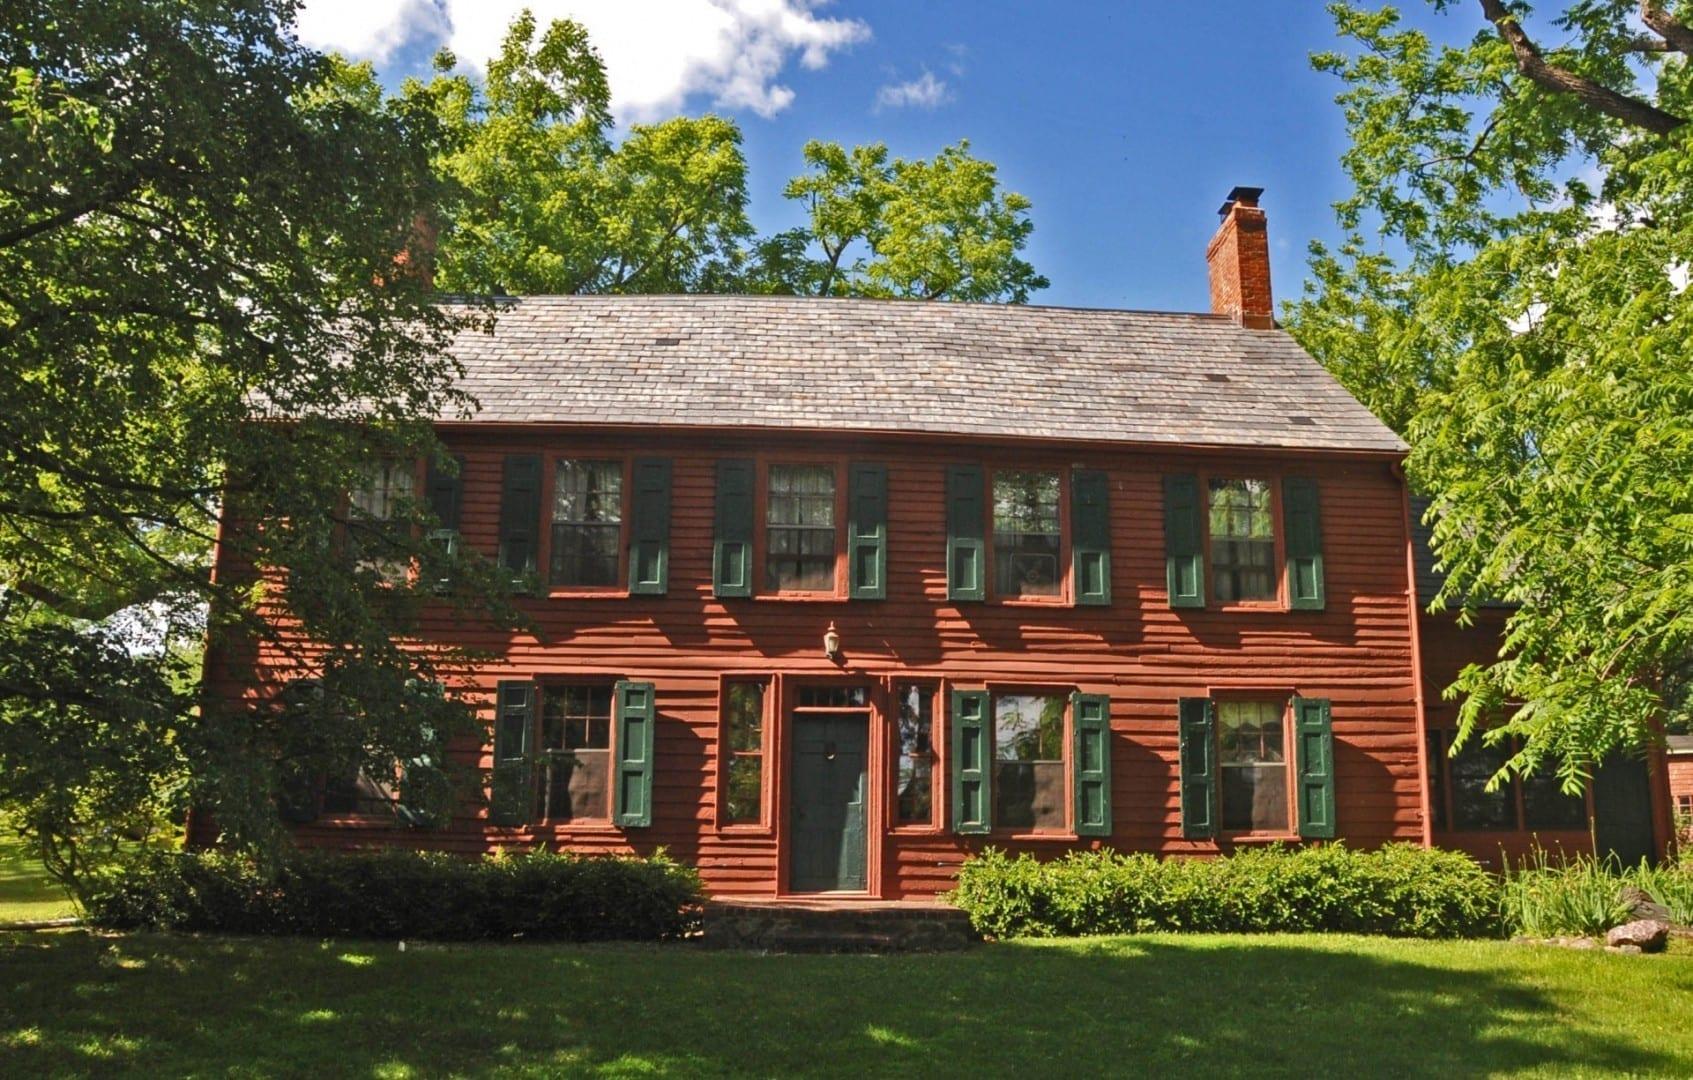 Benjamin Howell Homestead, construido en 1763 y ampliado y completado en 1793 Parsippany NJ Estados Unidos